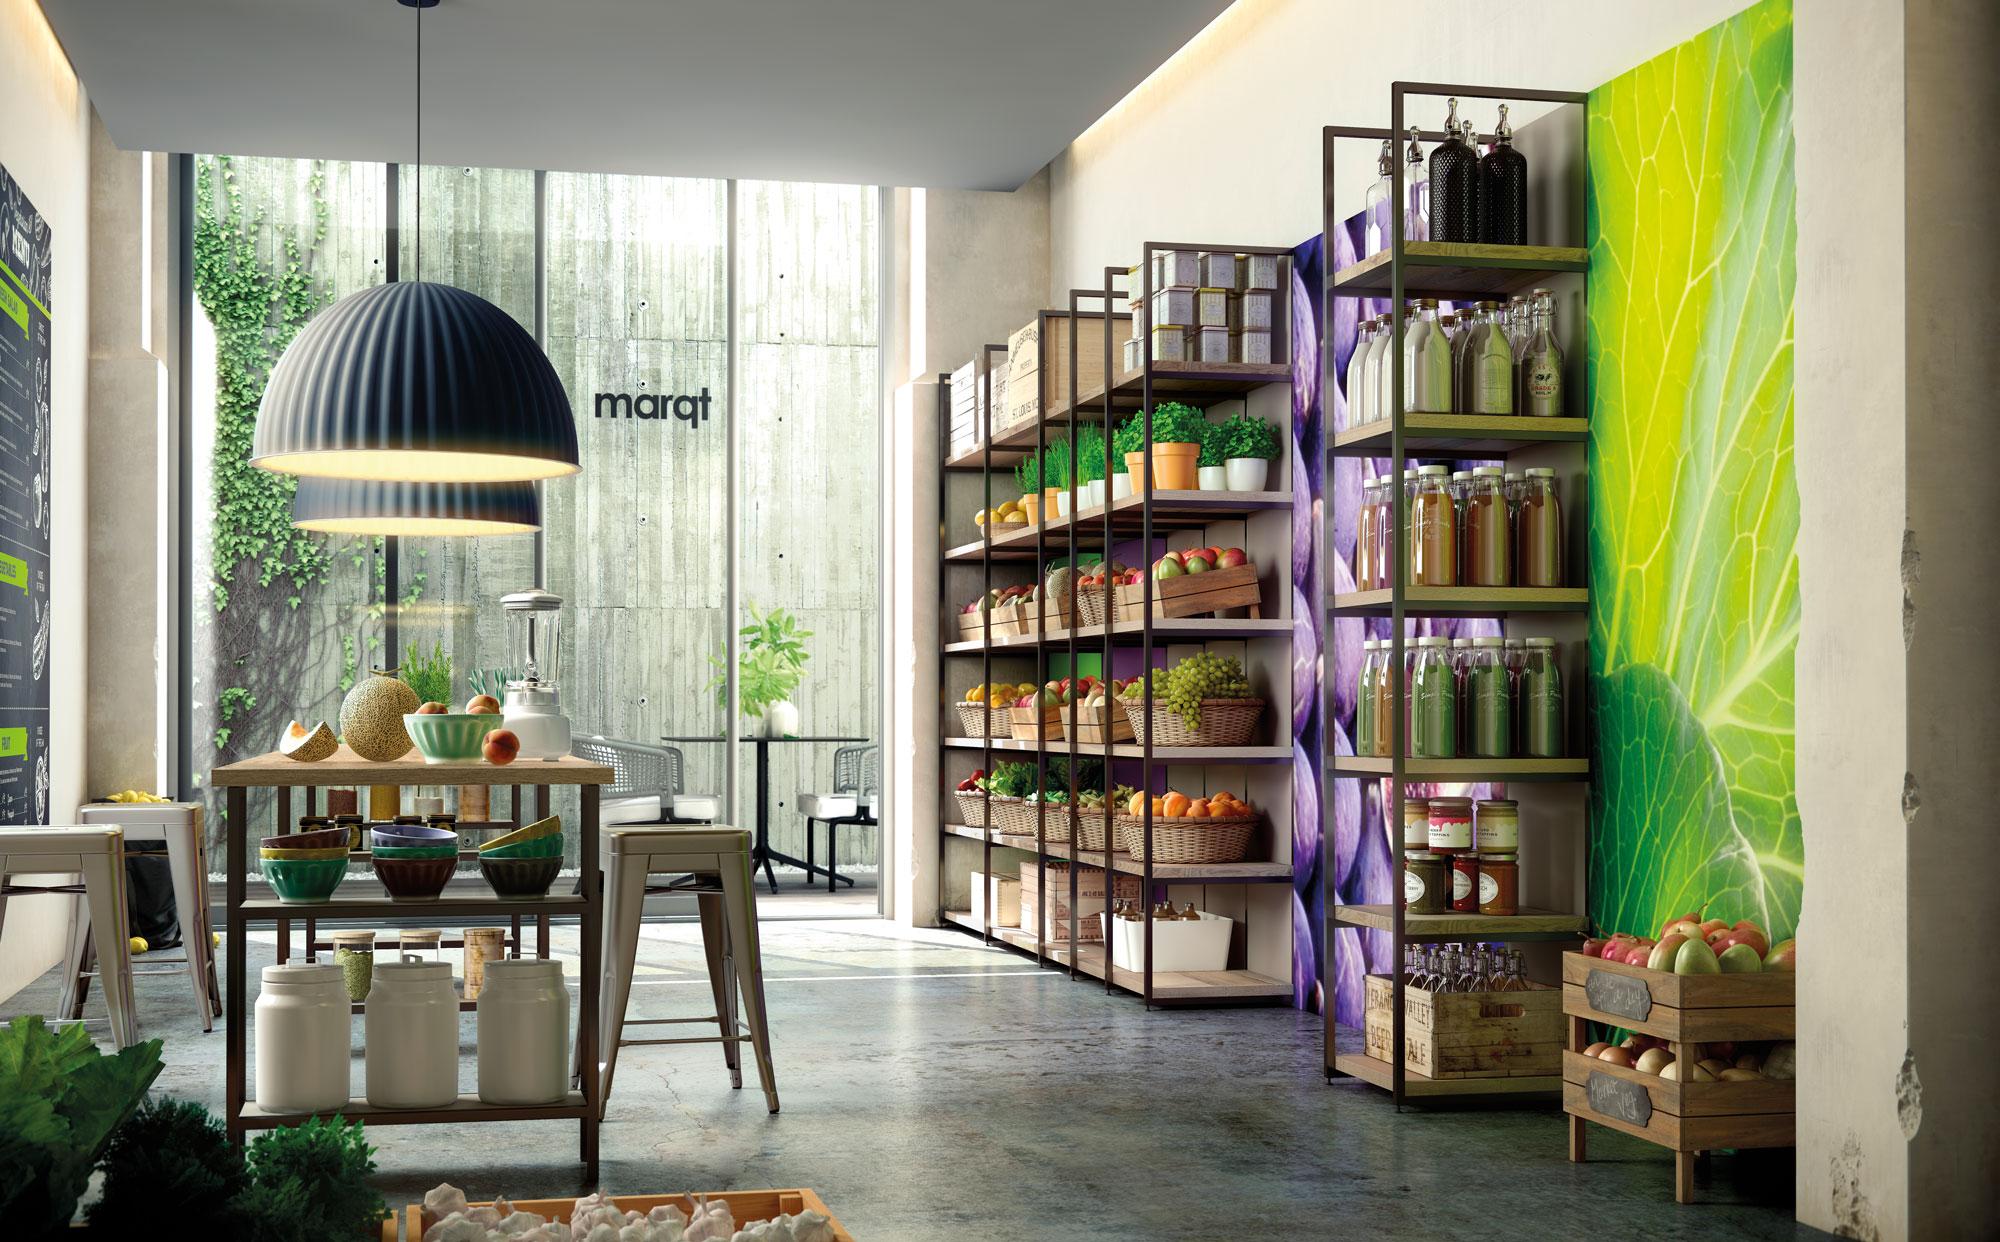 Tienda De Muebles En Sabadell : Olut muebles de estilo nórdico